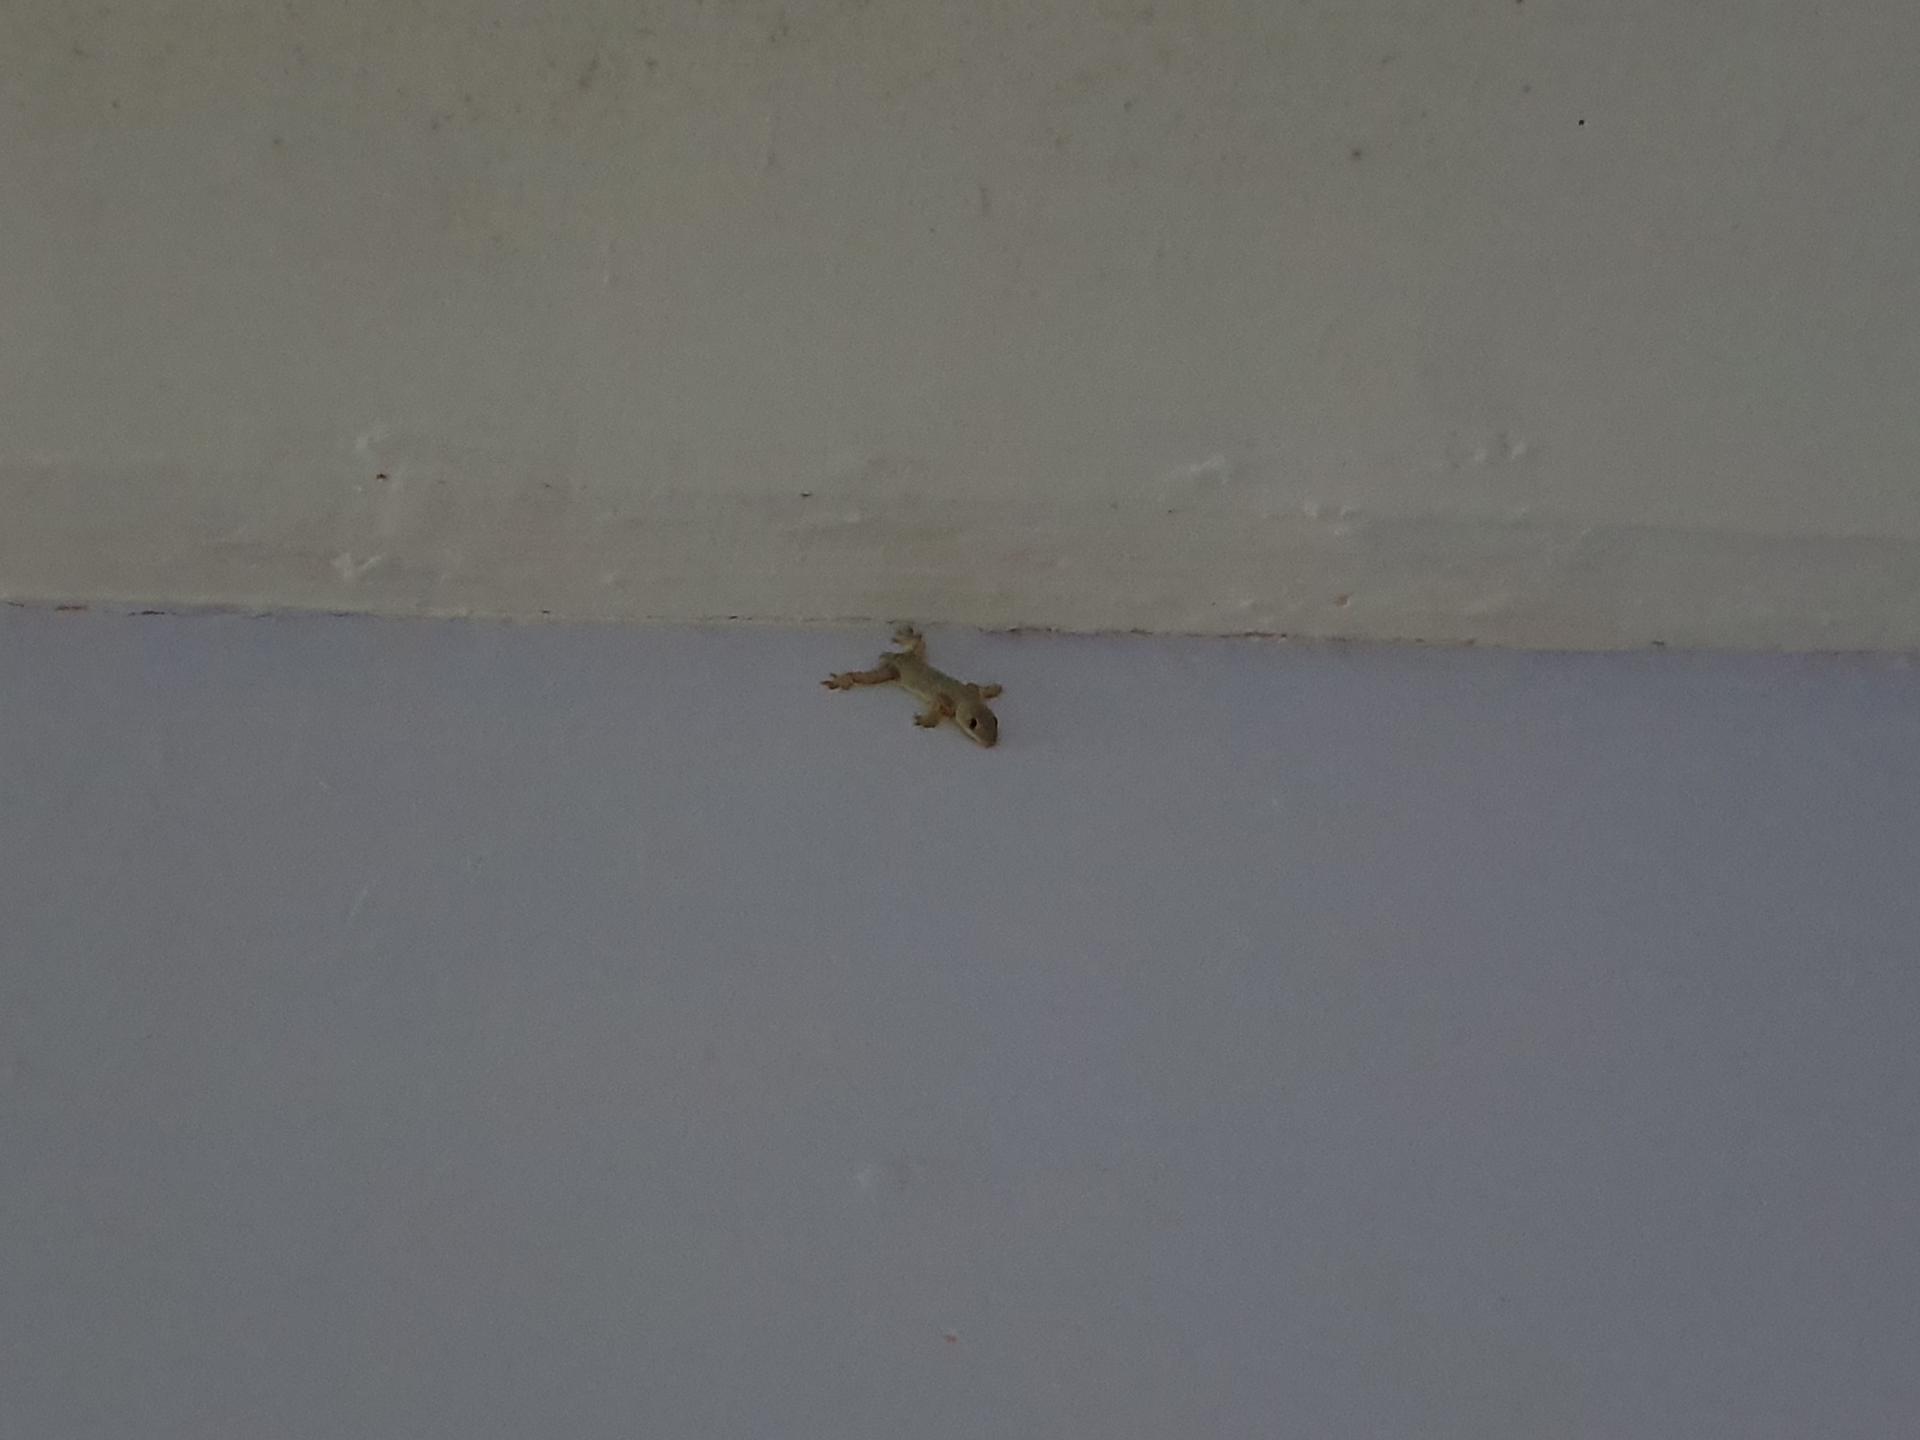 геккон без хвоста на стене